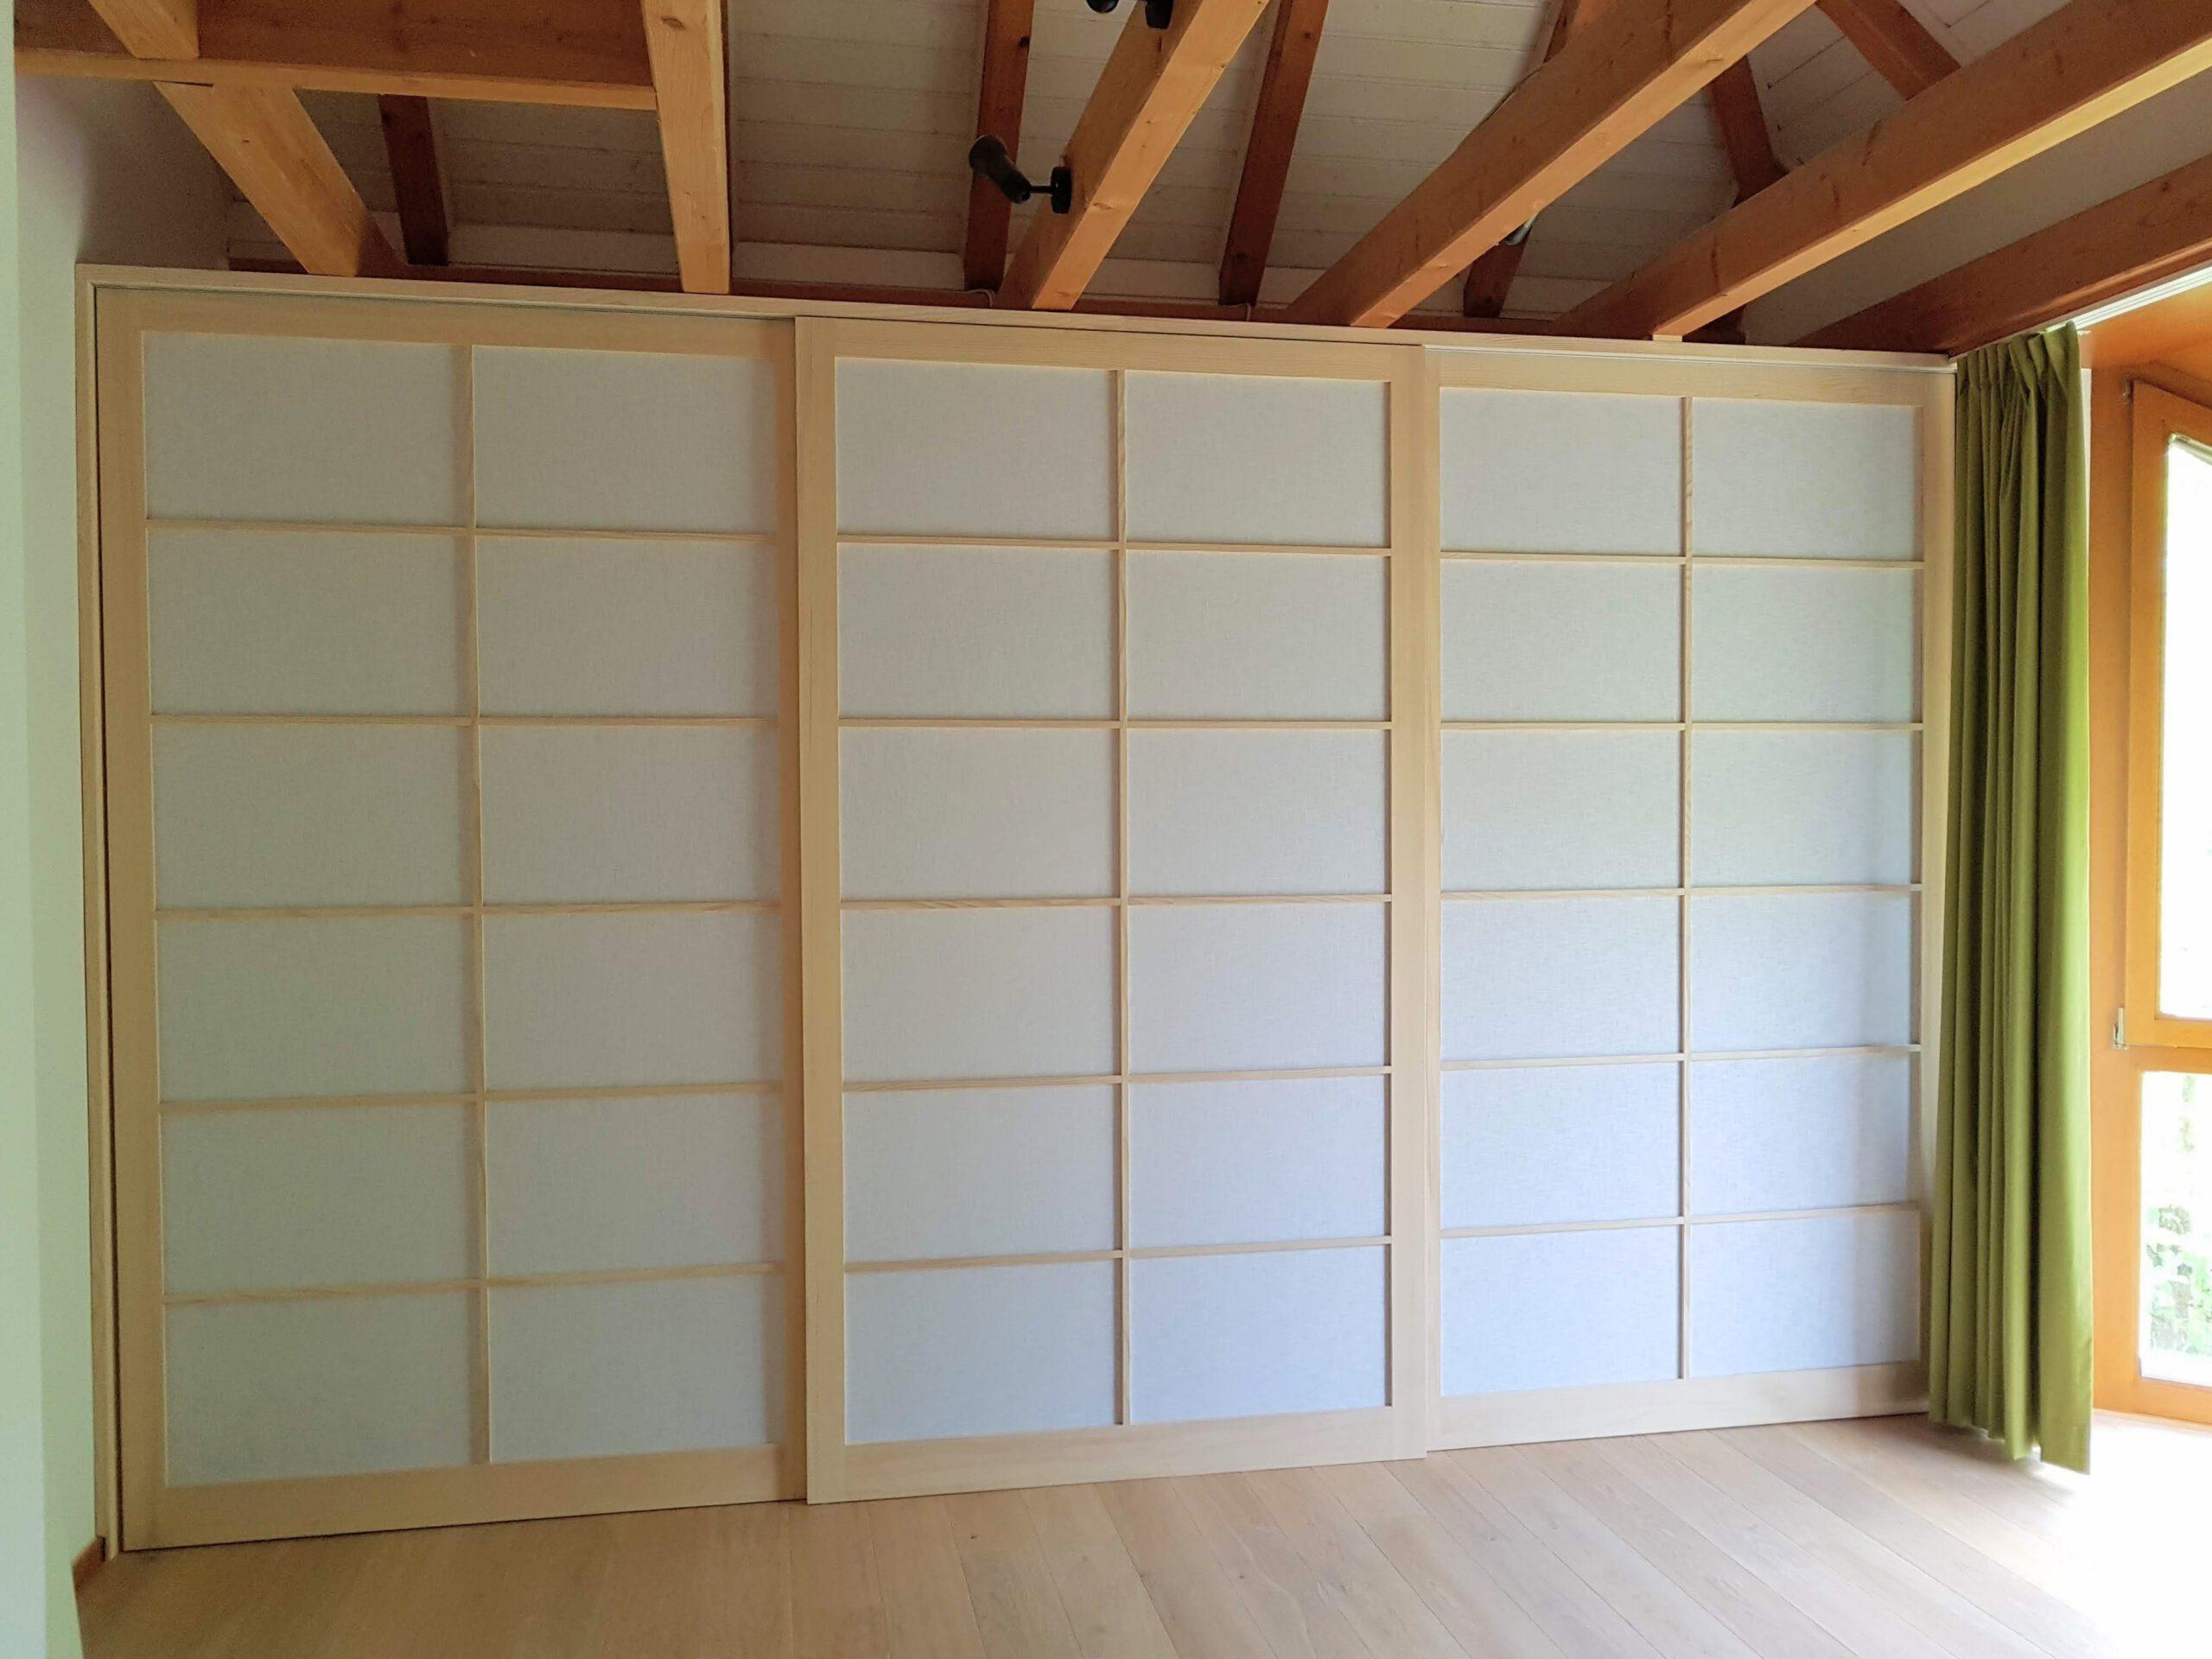 Japanische Shoij Schiebetüren für japanische Raumgestaltung